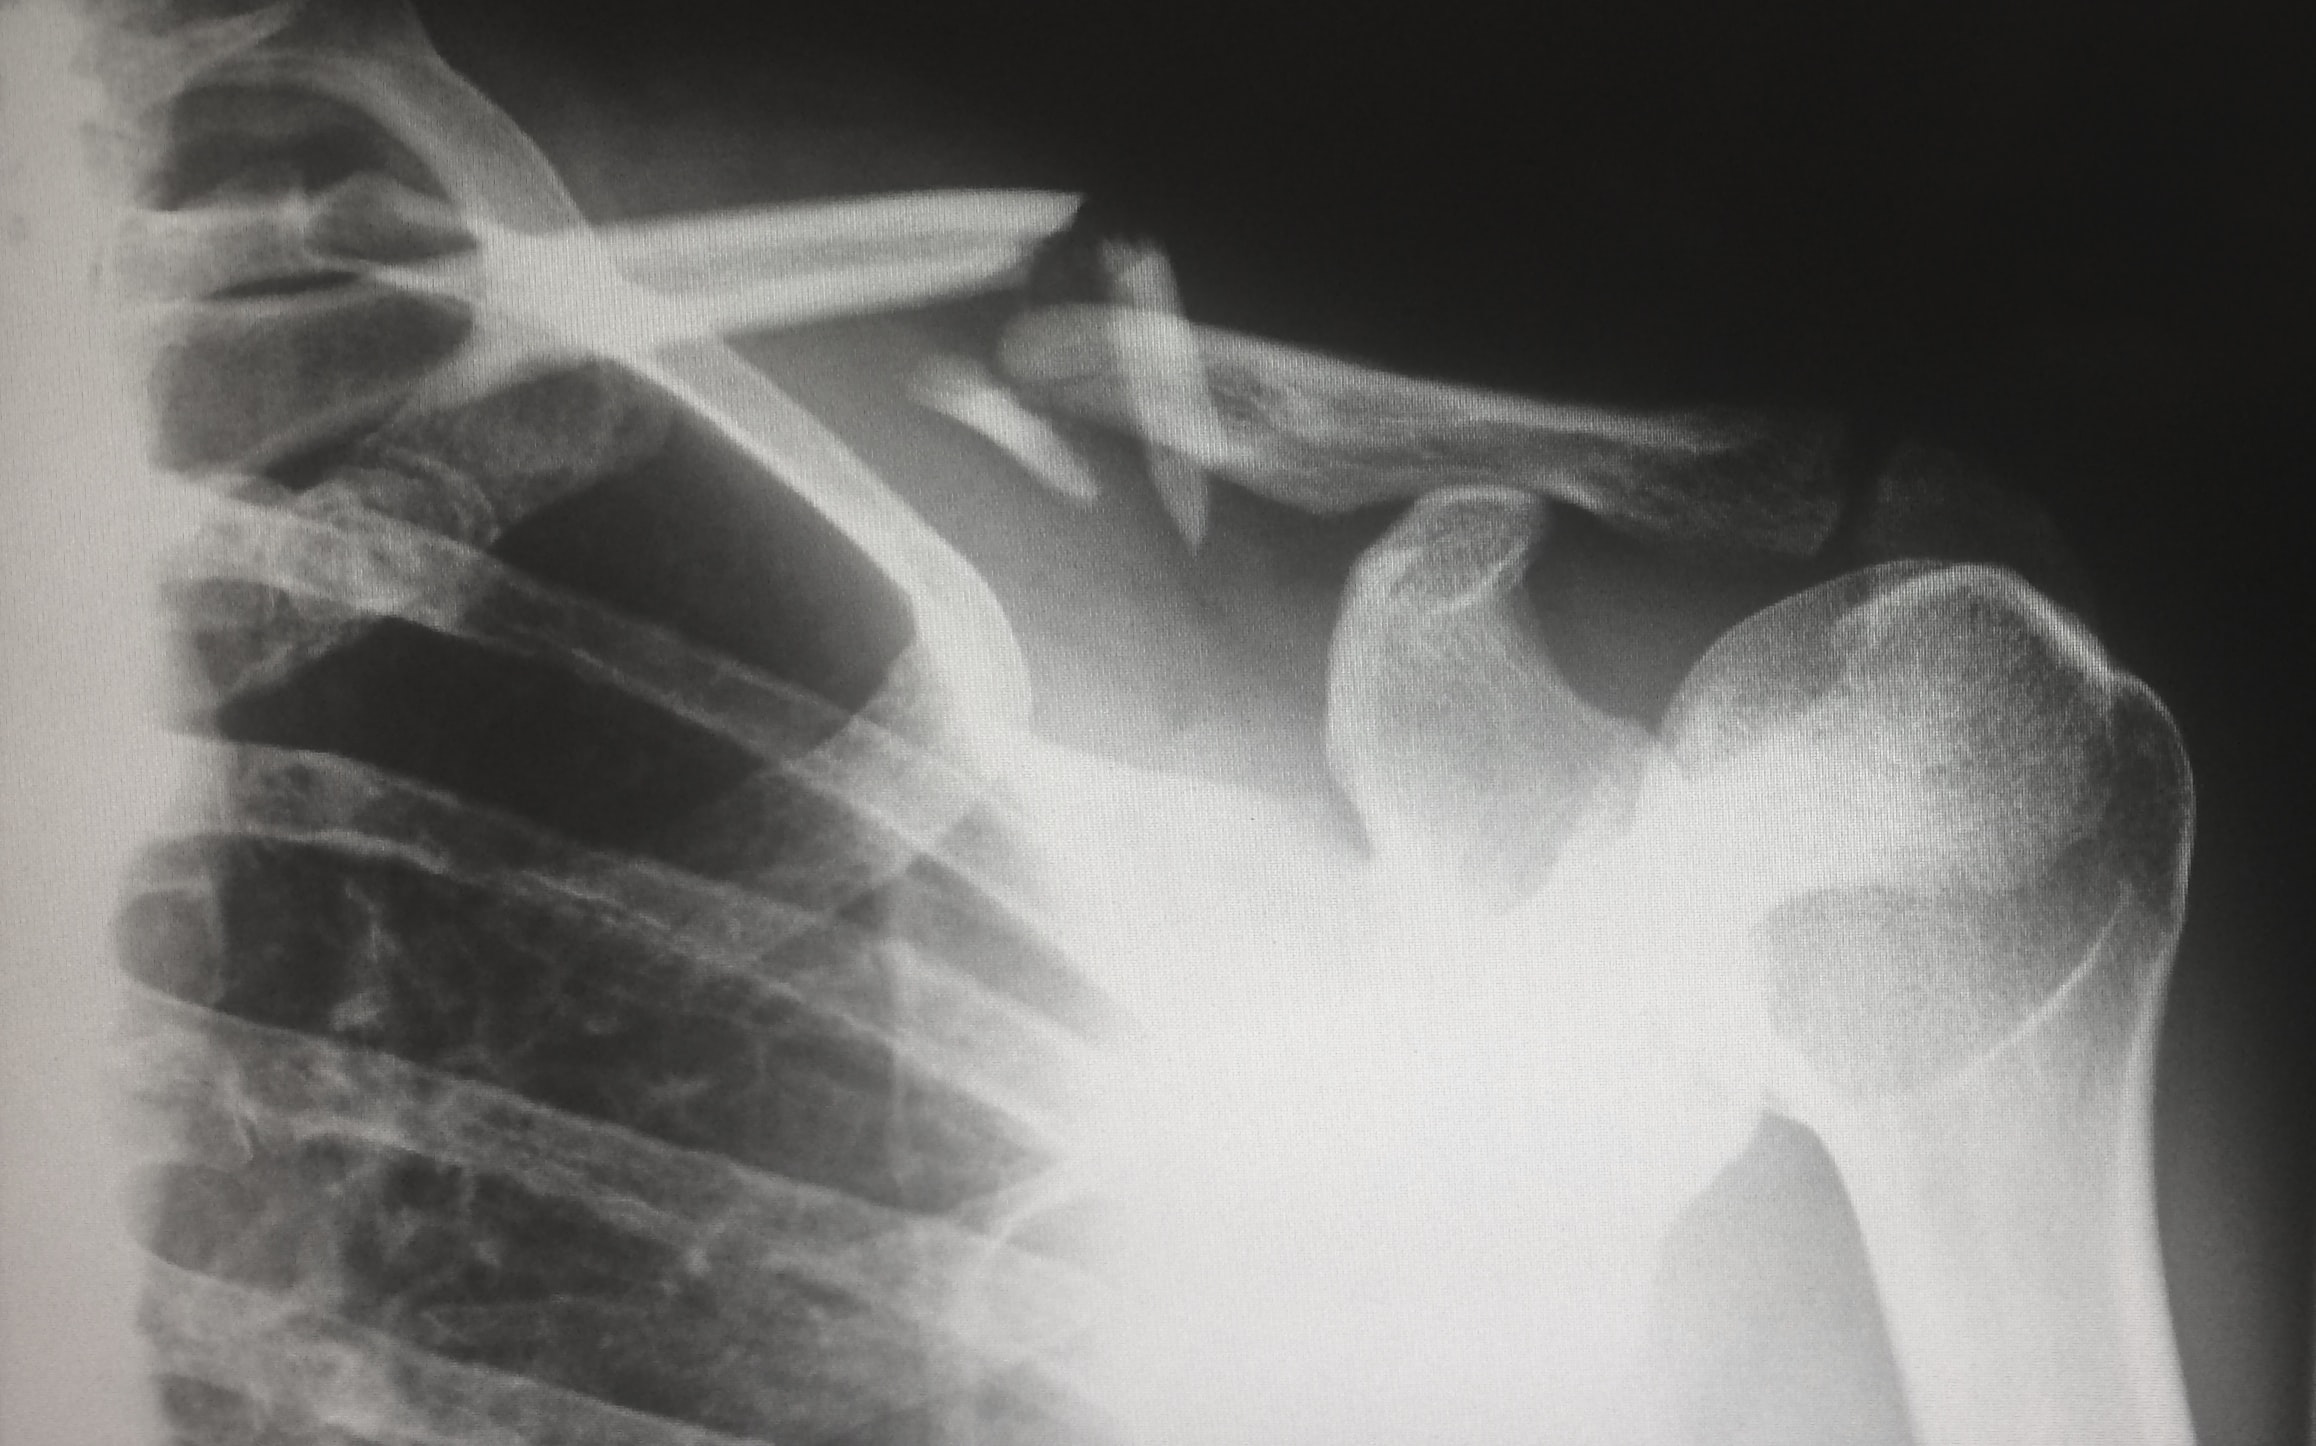 Οστεοπόρωση: πρόληψη και θεραπεία